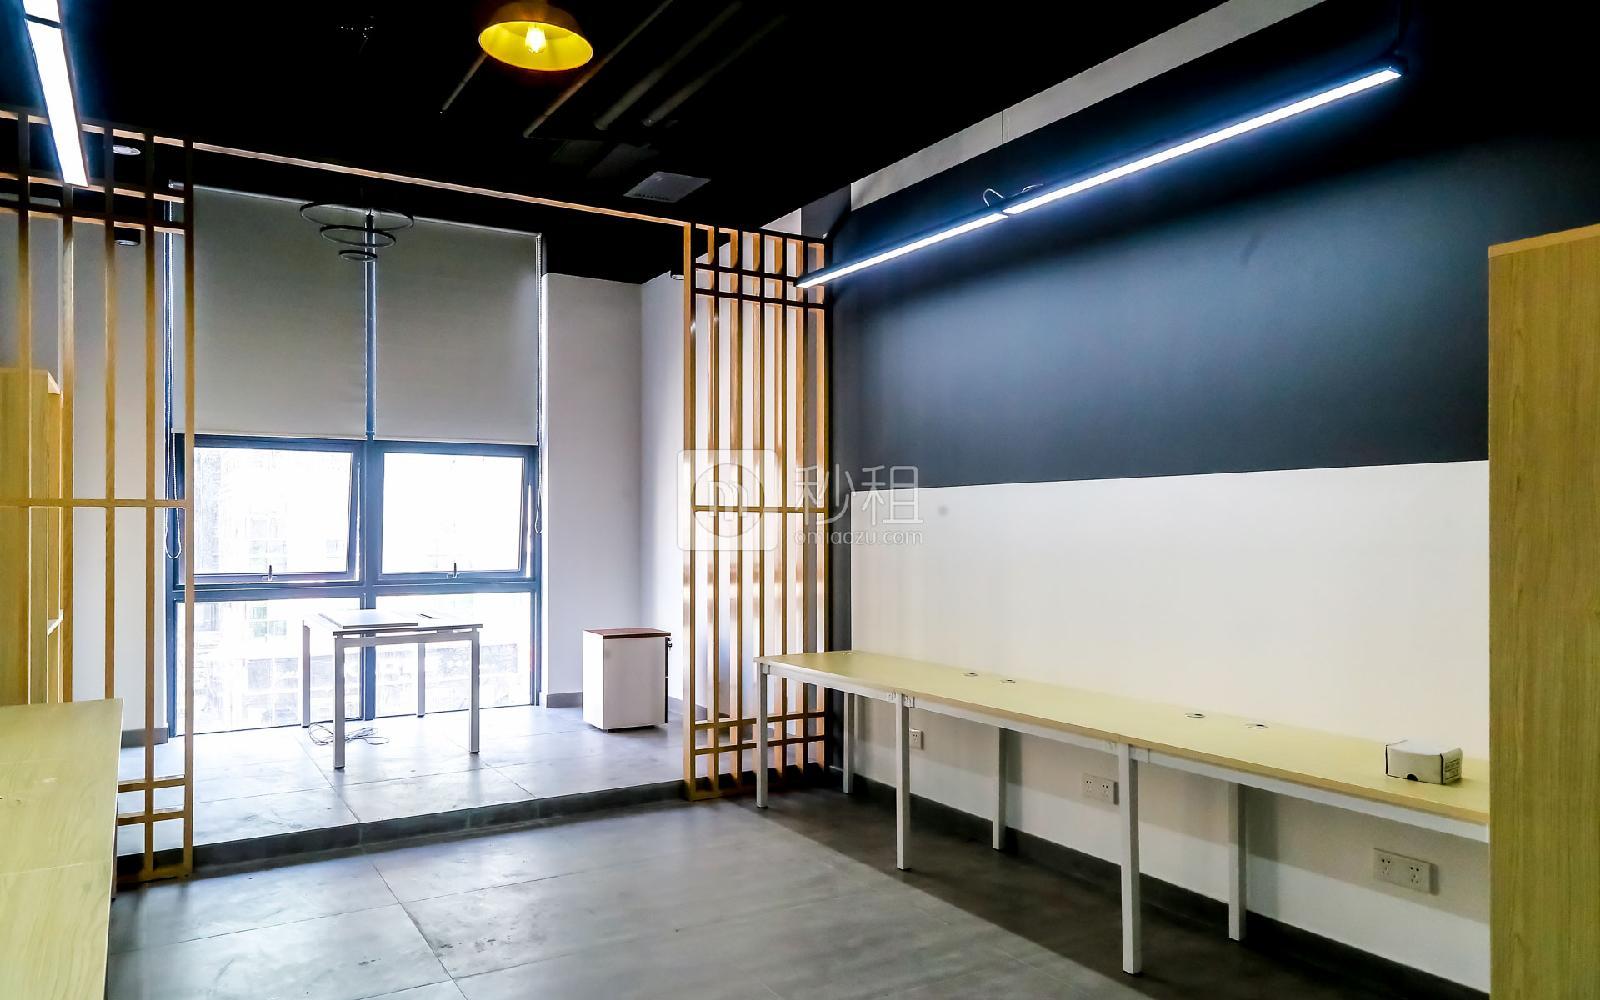 硅谷大院写字楼出租26平米精装办公室3680元/间.月